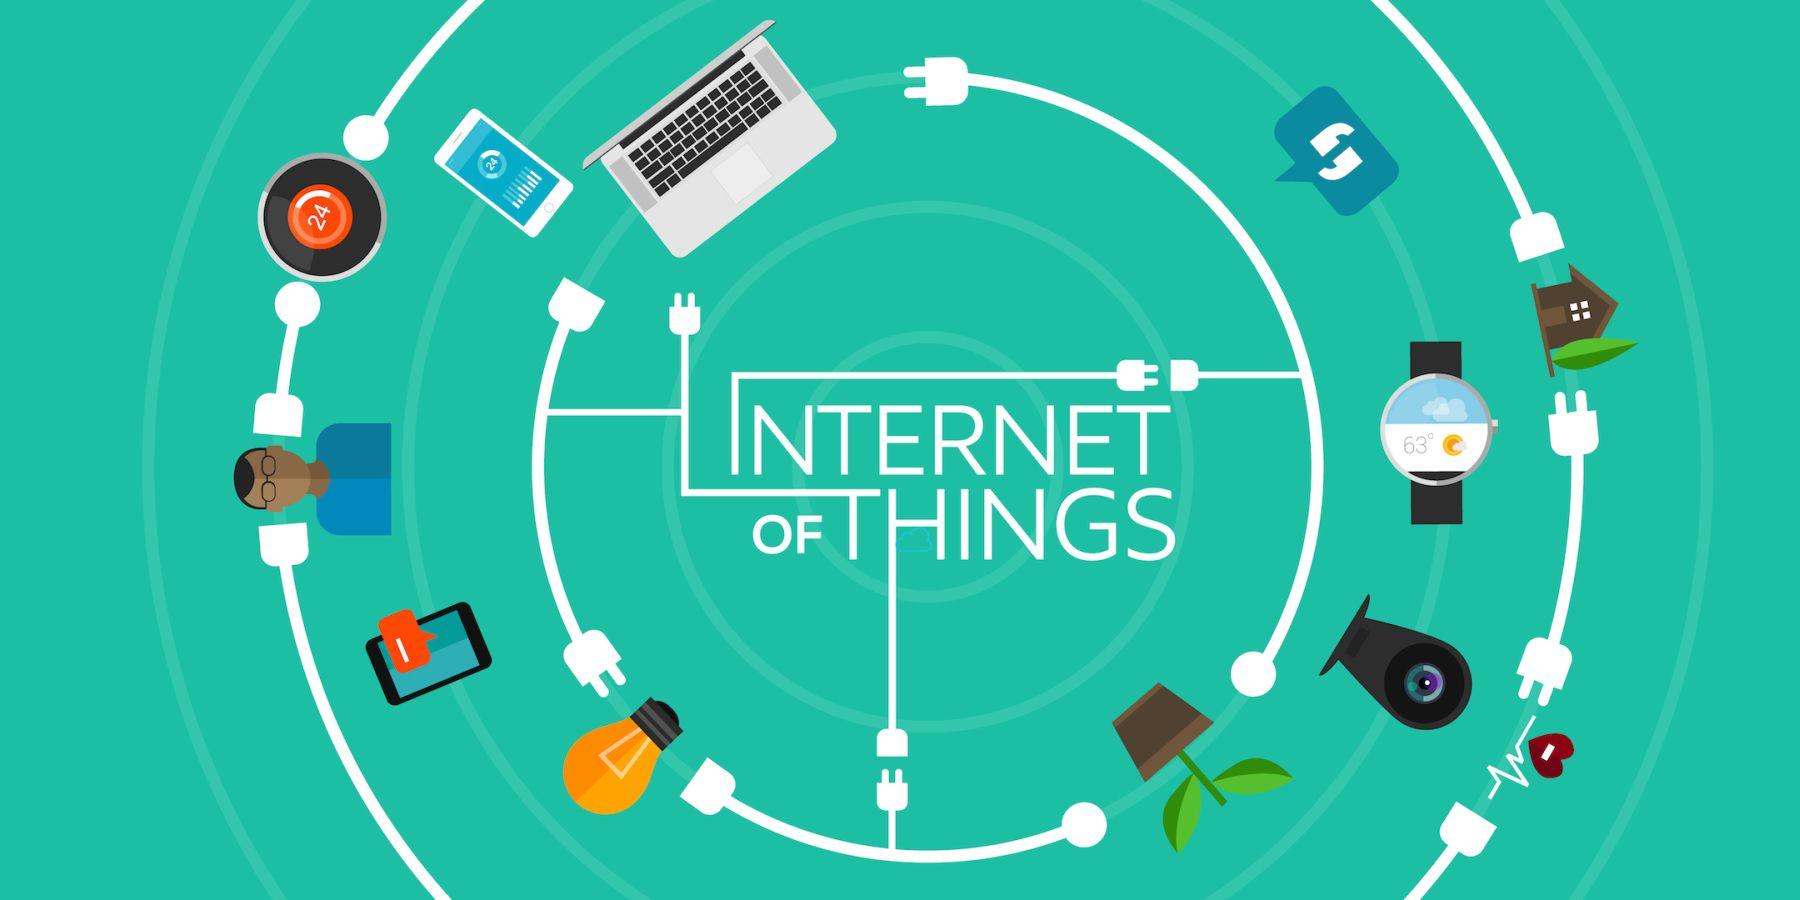 internet-of-things-header